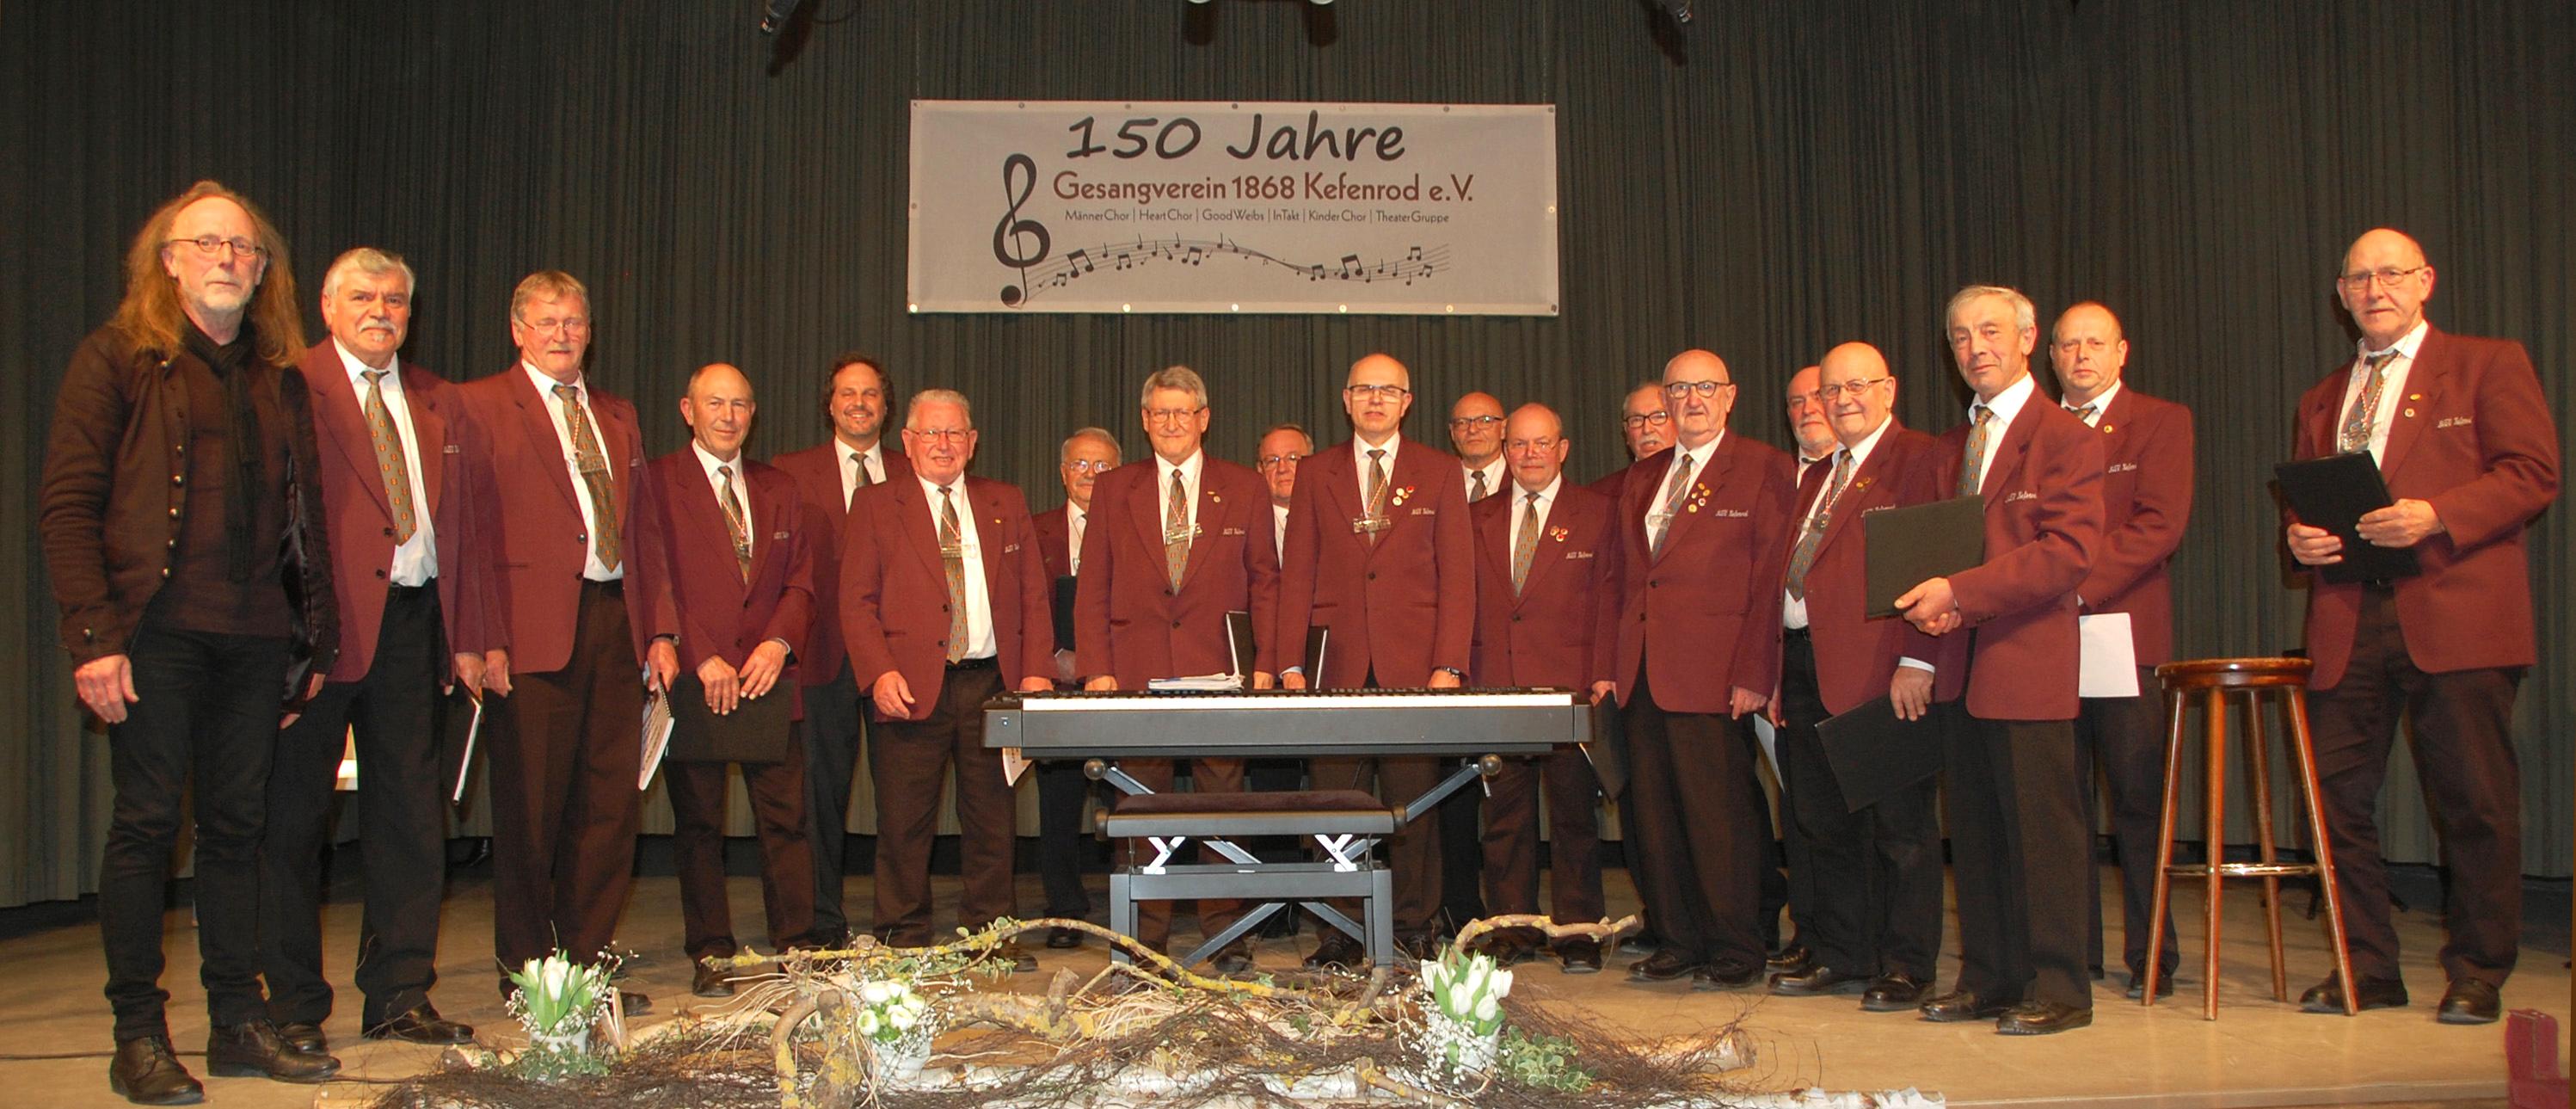 150 Jahre Gesangverein 1868 Kefenrod E.V.